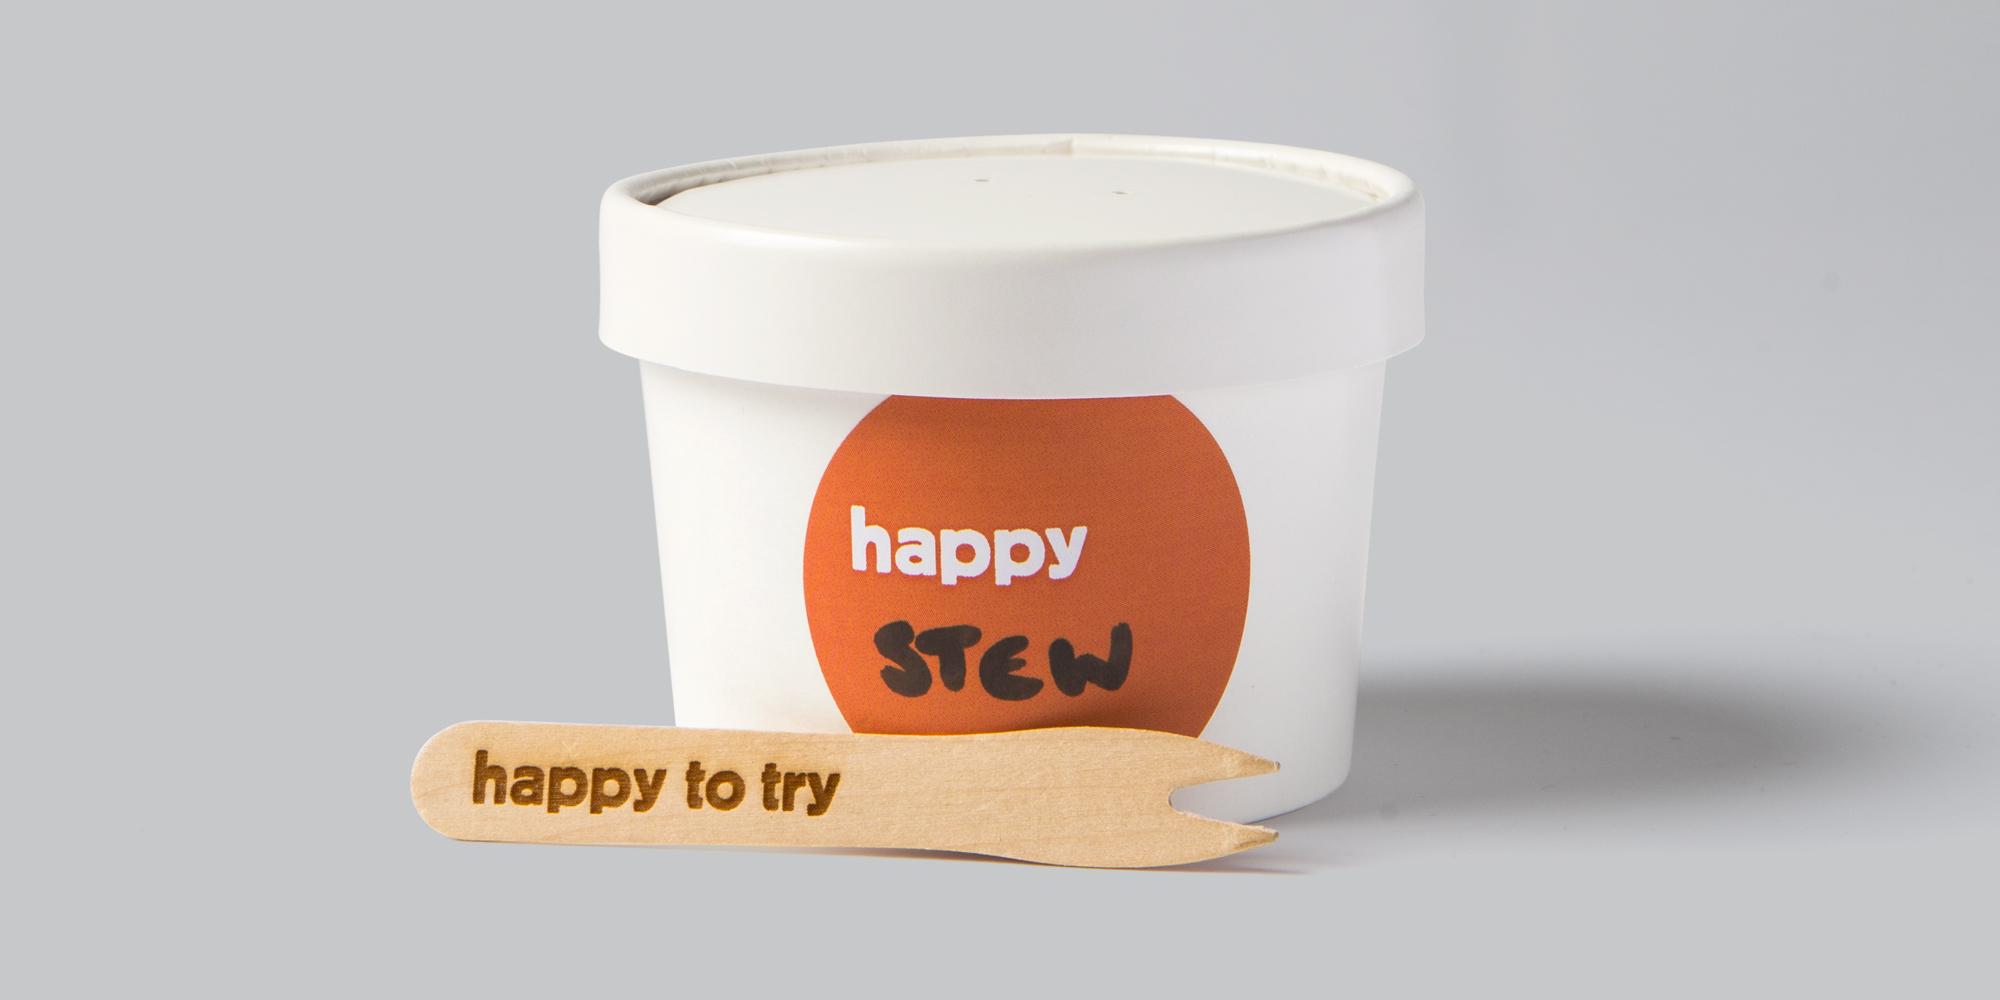 HB-Happystew3